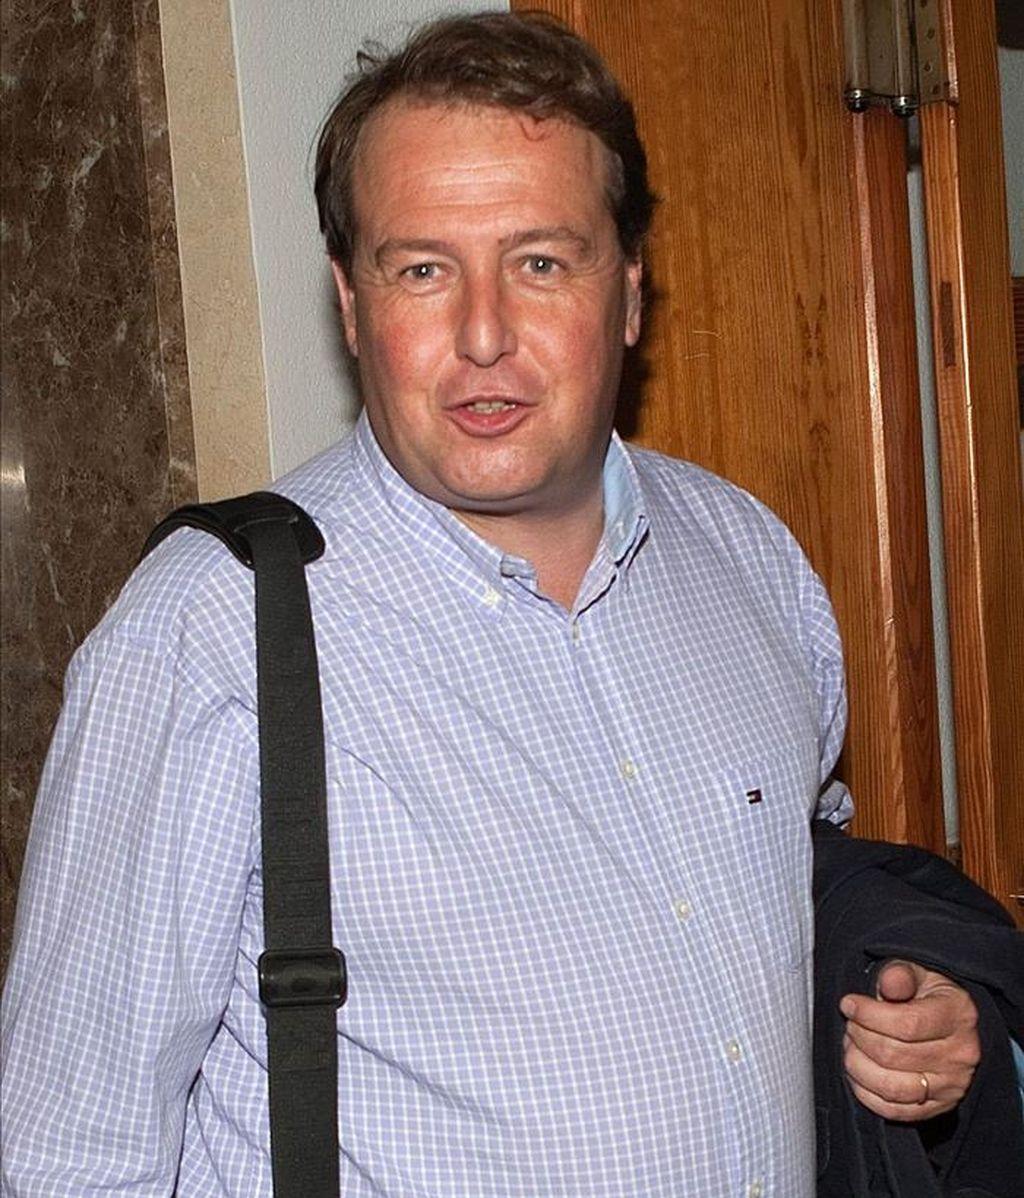 El ex conseller de Turismo de Unión Mallorquina (UM), Francesc Buils, a su llegada a los juzgados de instrucción. EFE/Archivo